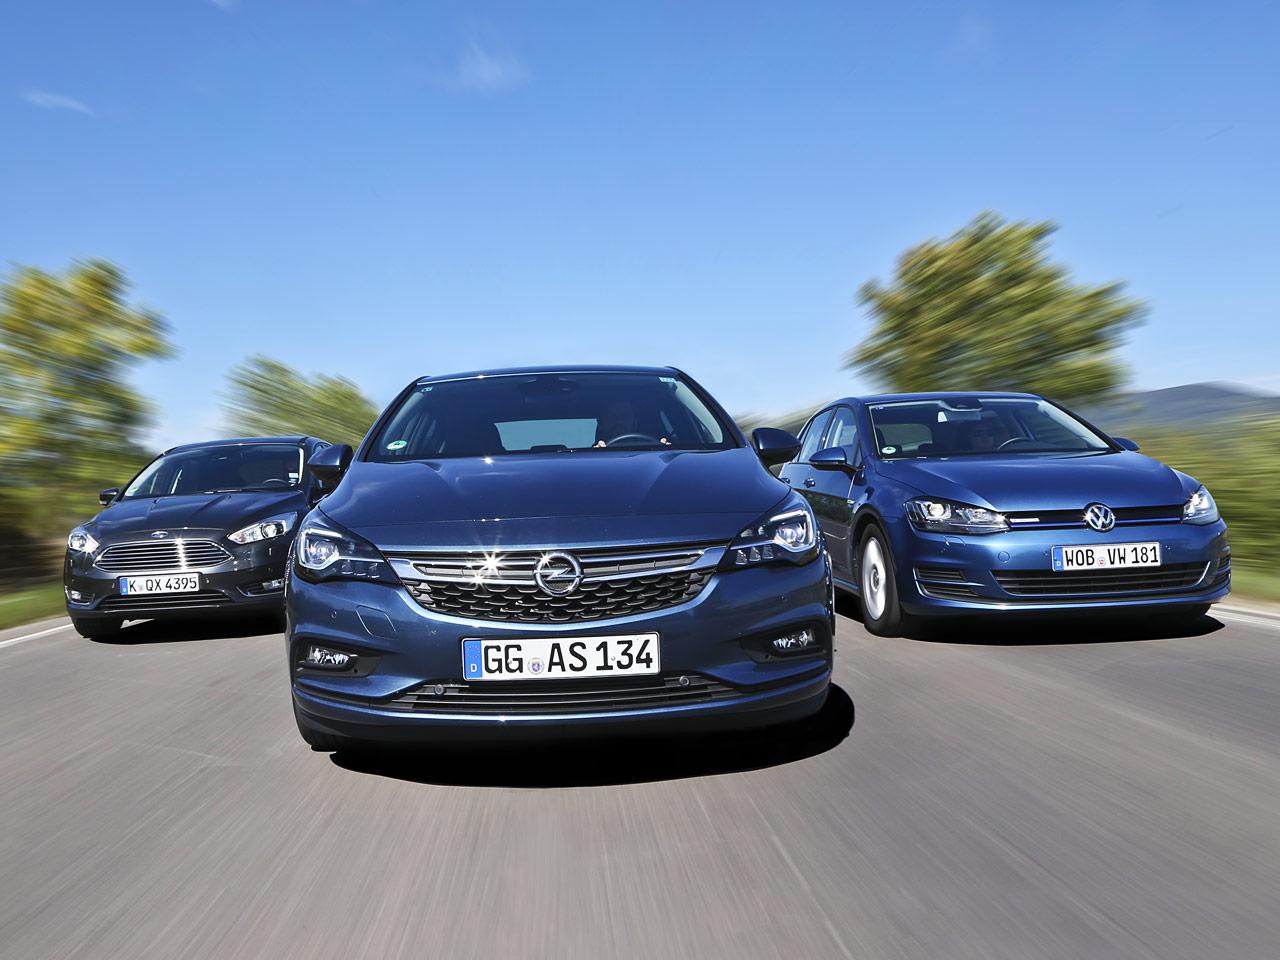 Ford Focus/Opel Astra/VW Golf: Vergleich   autozeitung.de